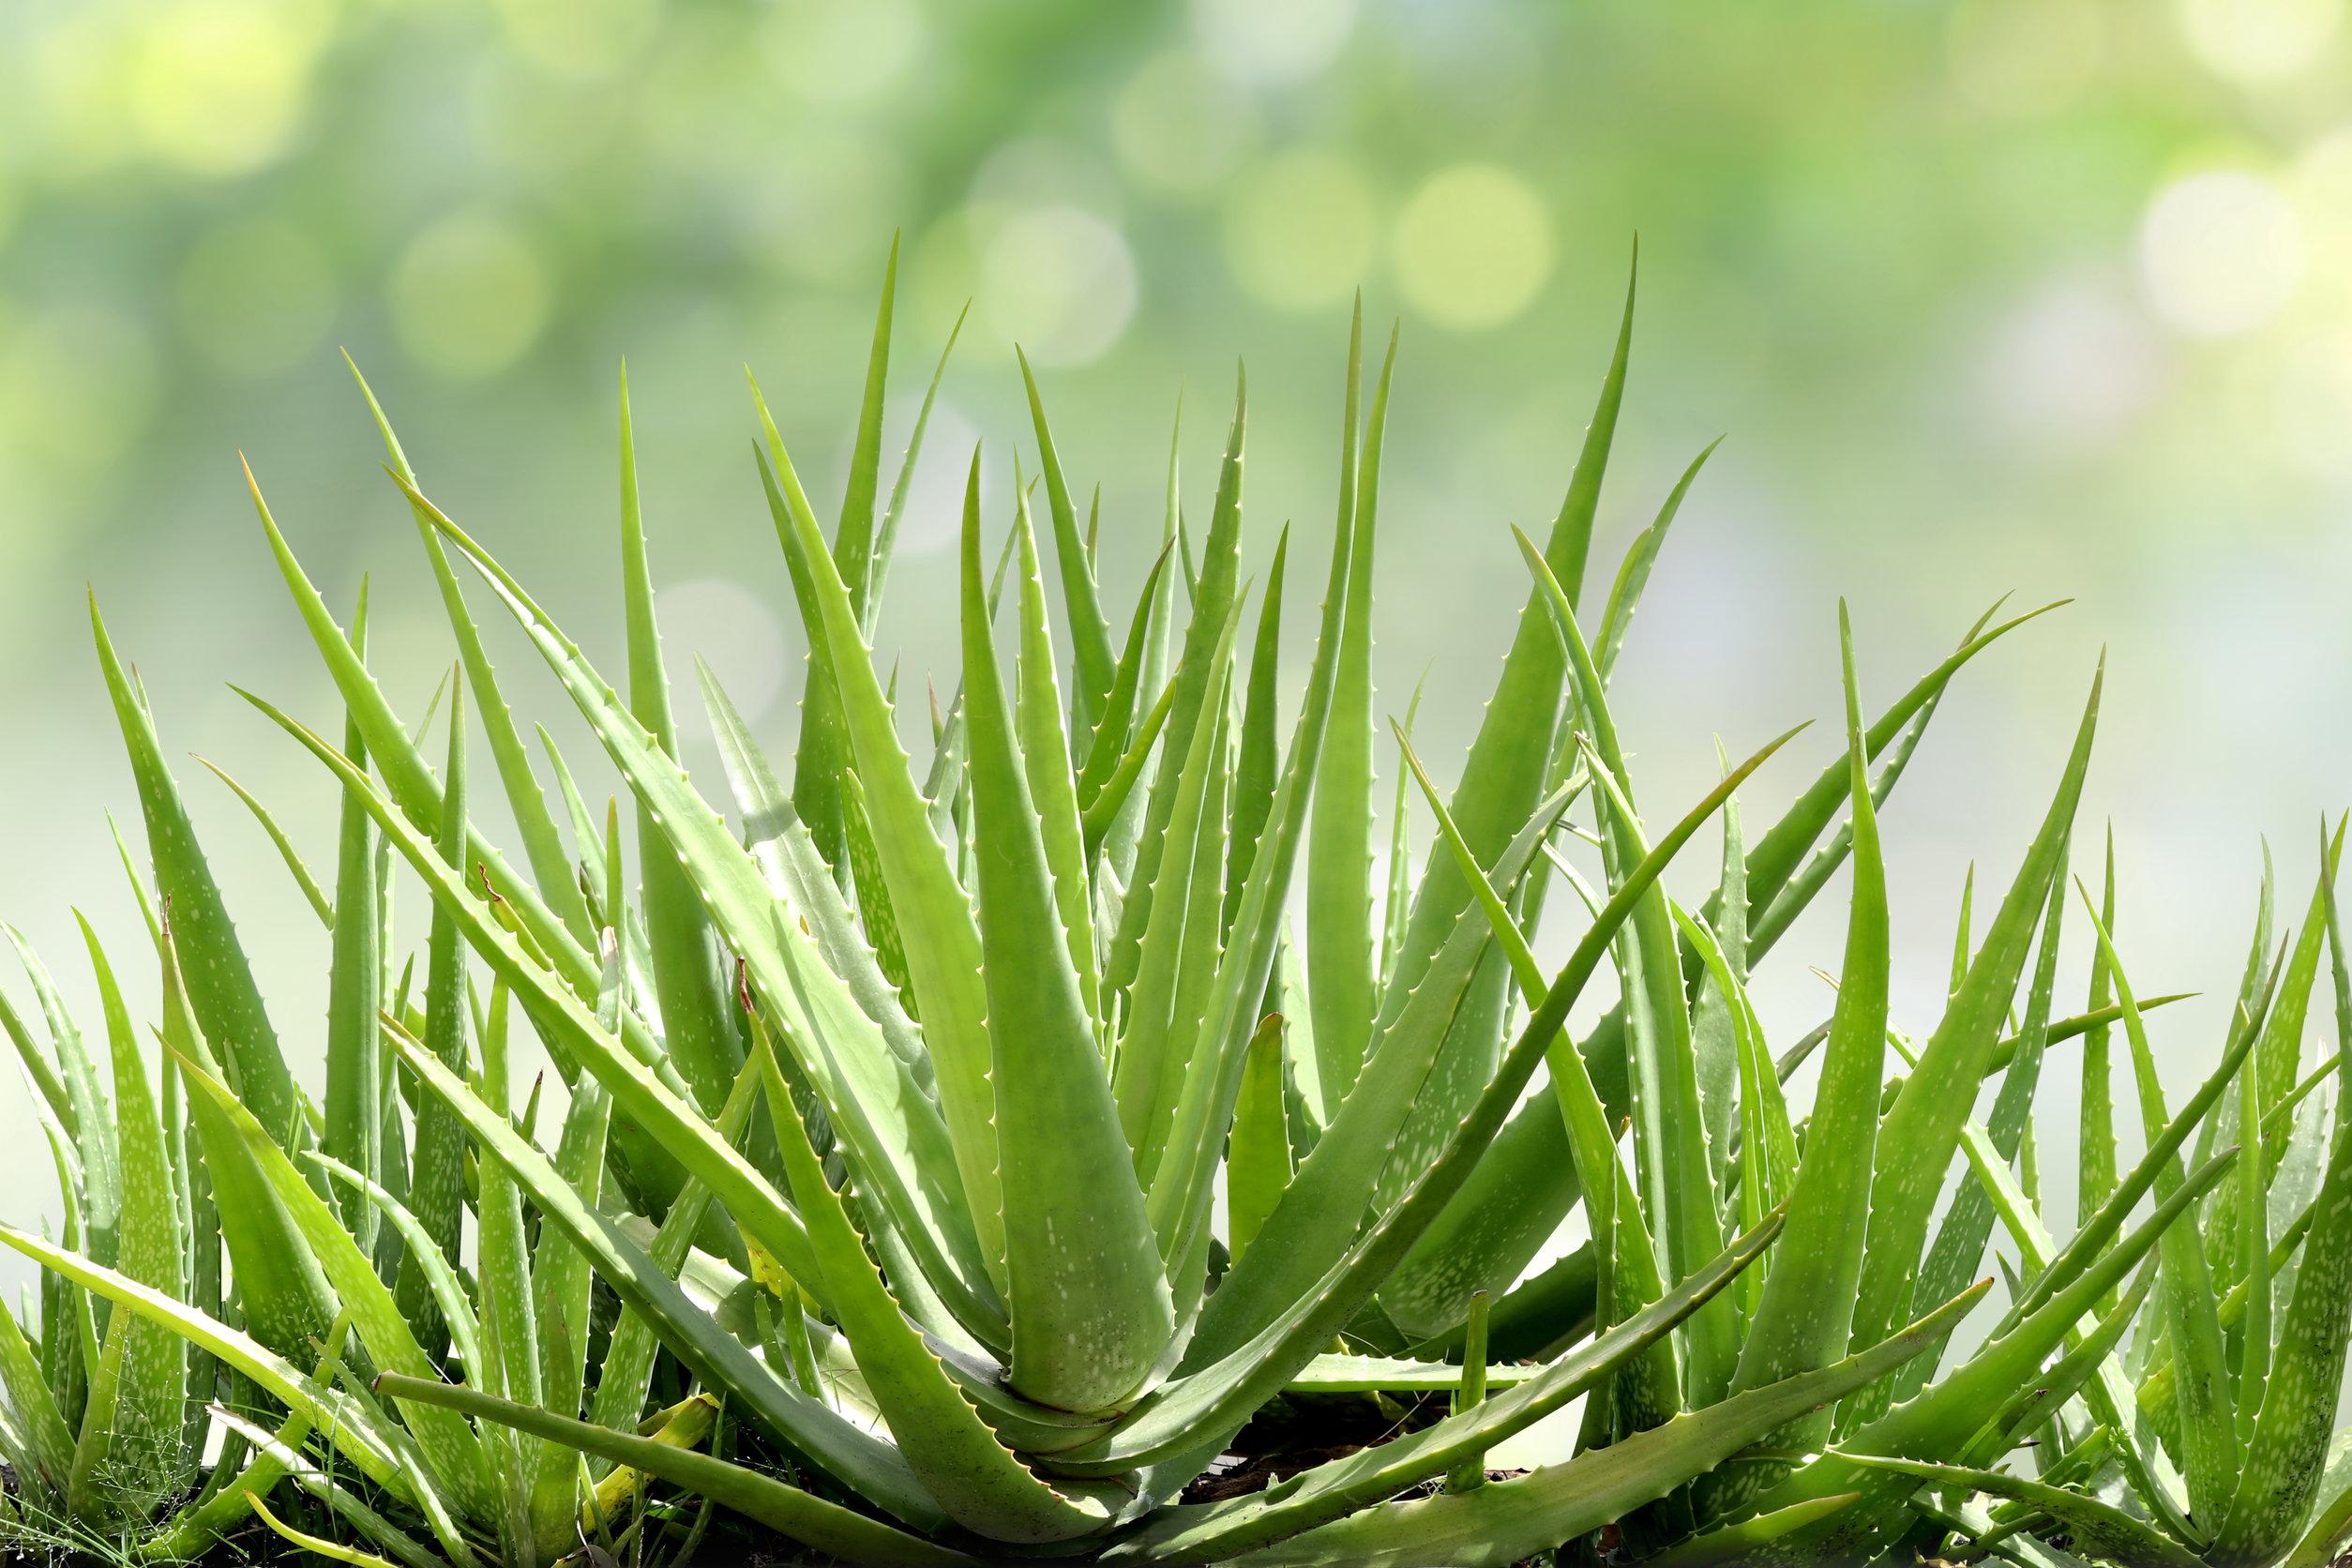 L'Aloe Vera, una pianta dalle numerose proprietà